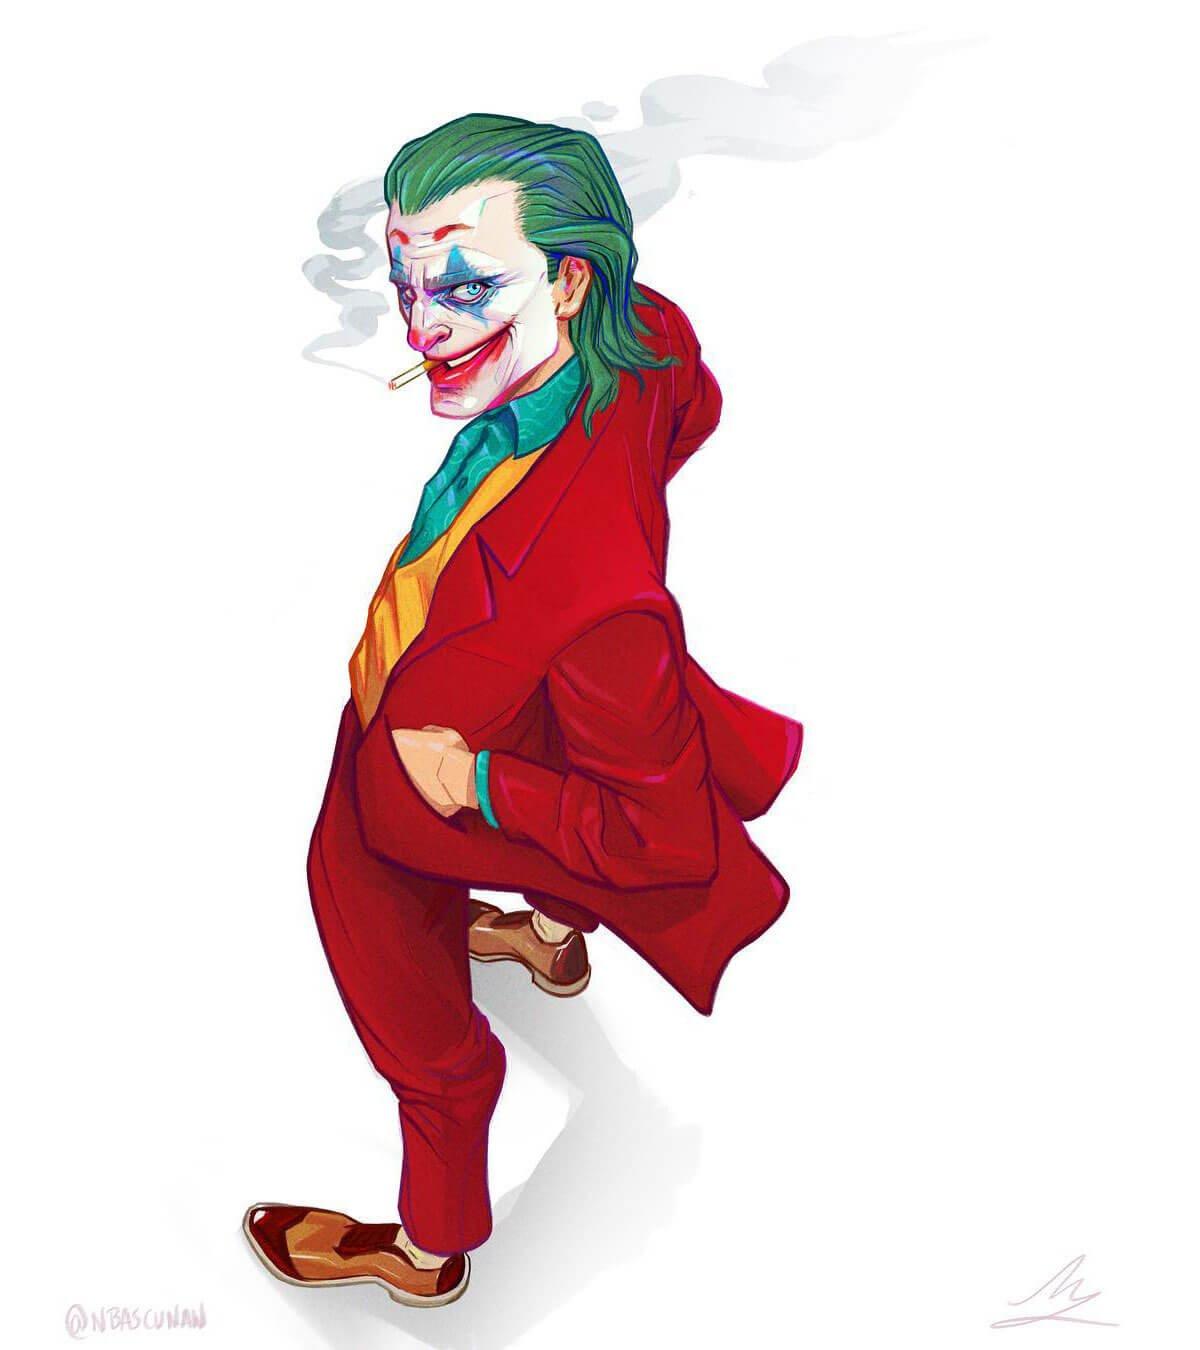 The Joker by Nico Bascuñán